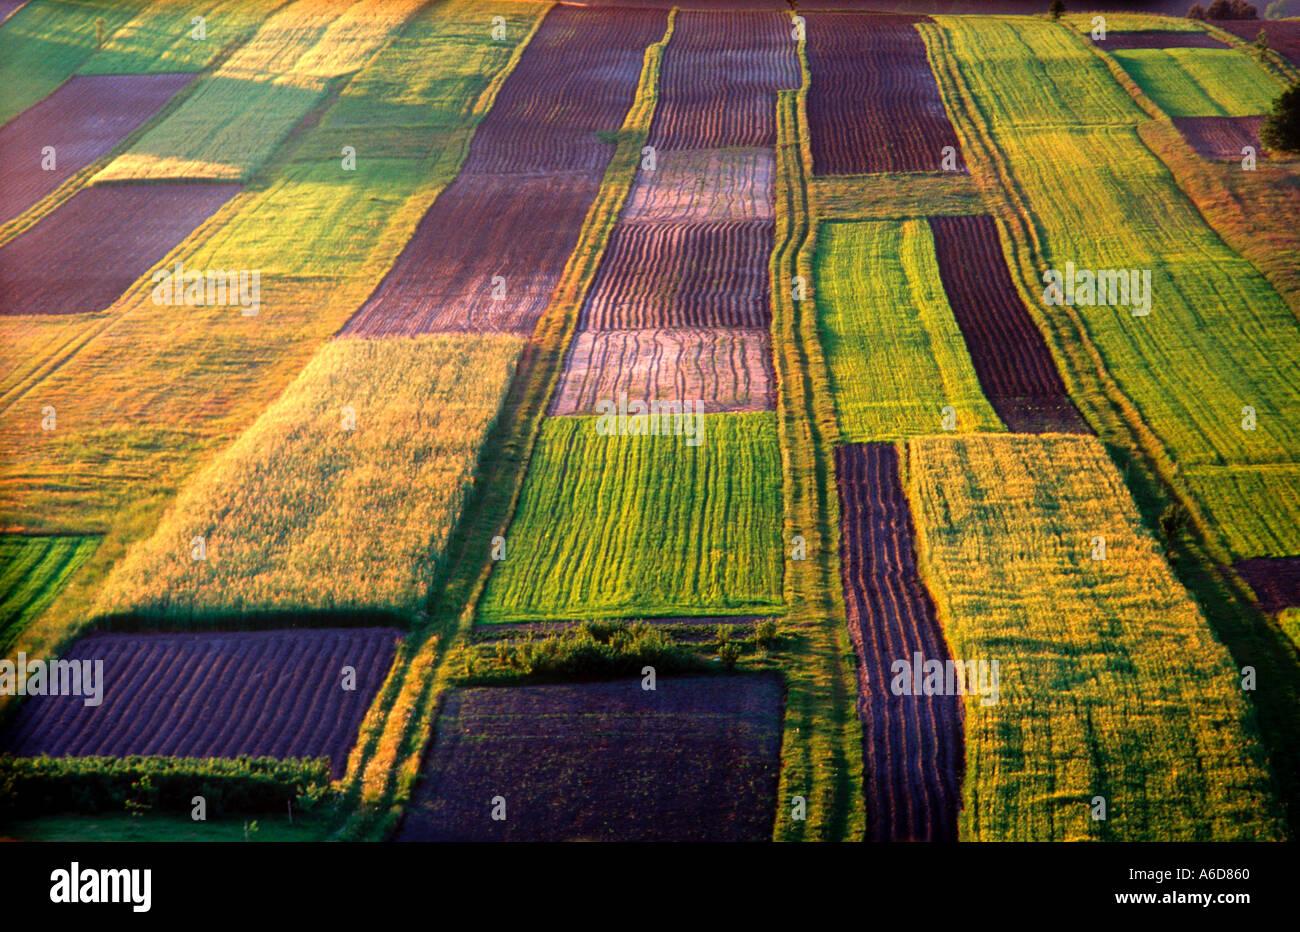 Ferme biologique sud-est de la Pologne Banque D'Images